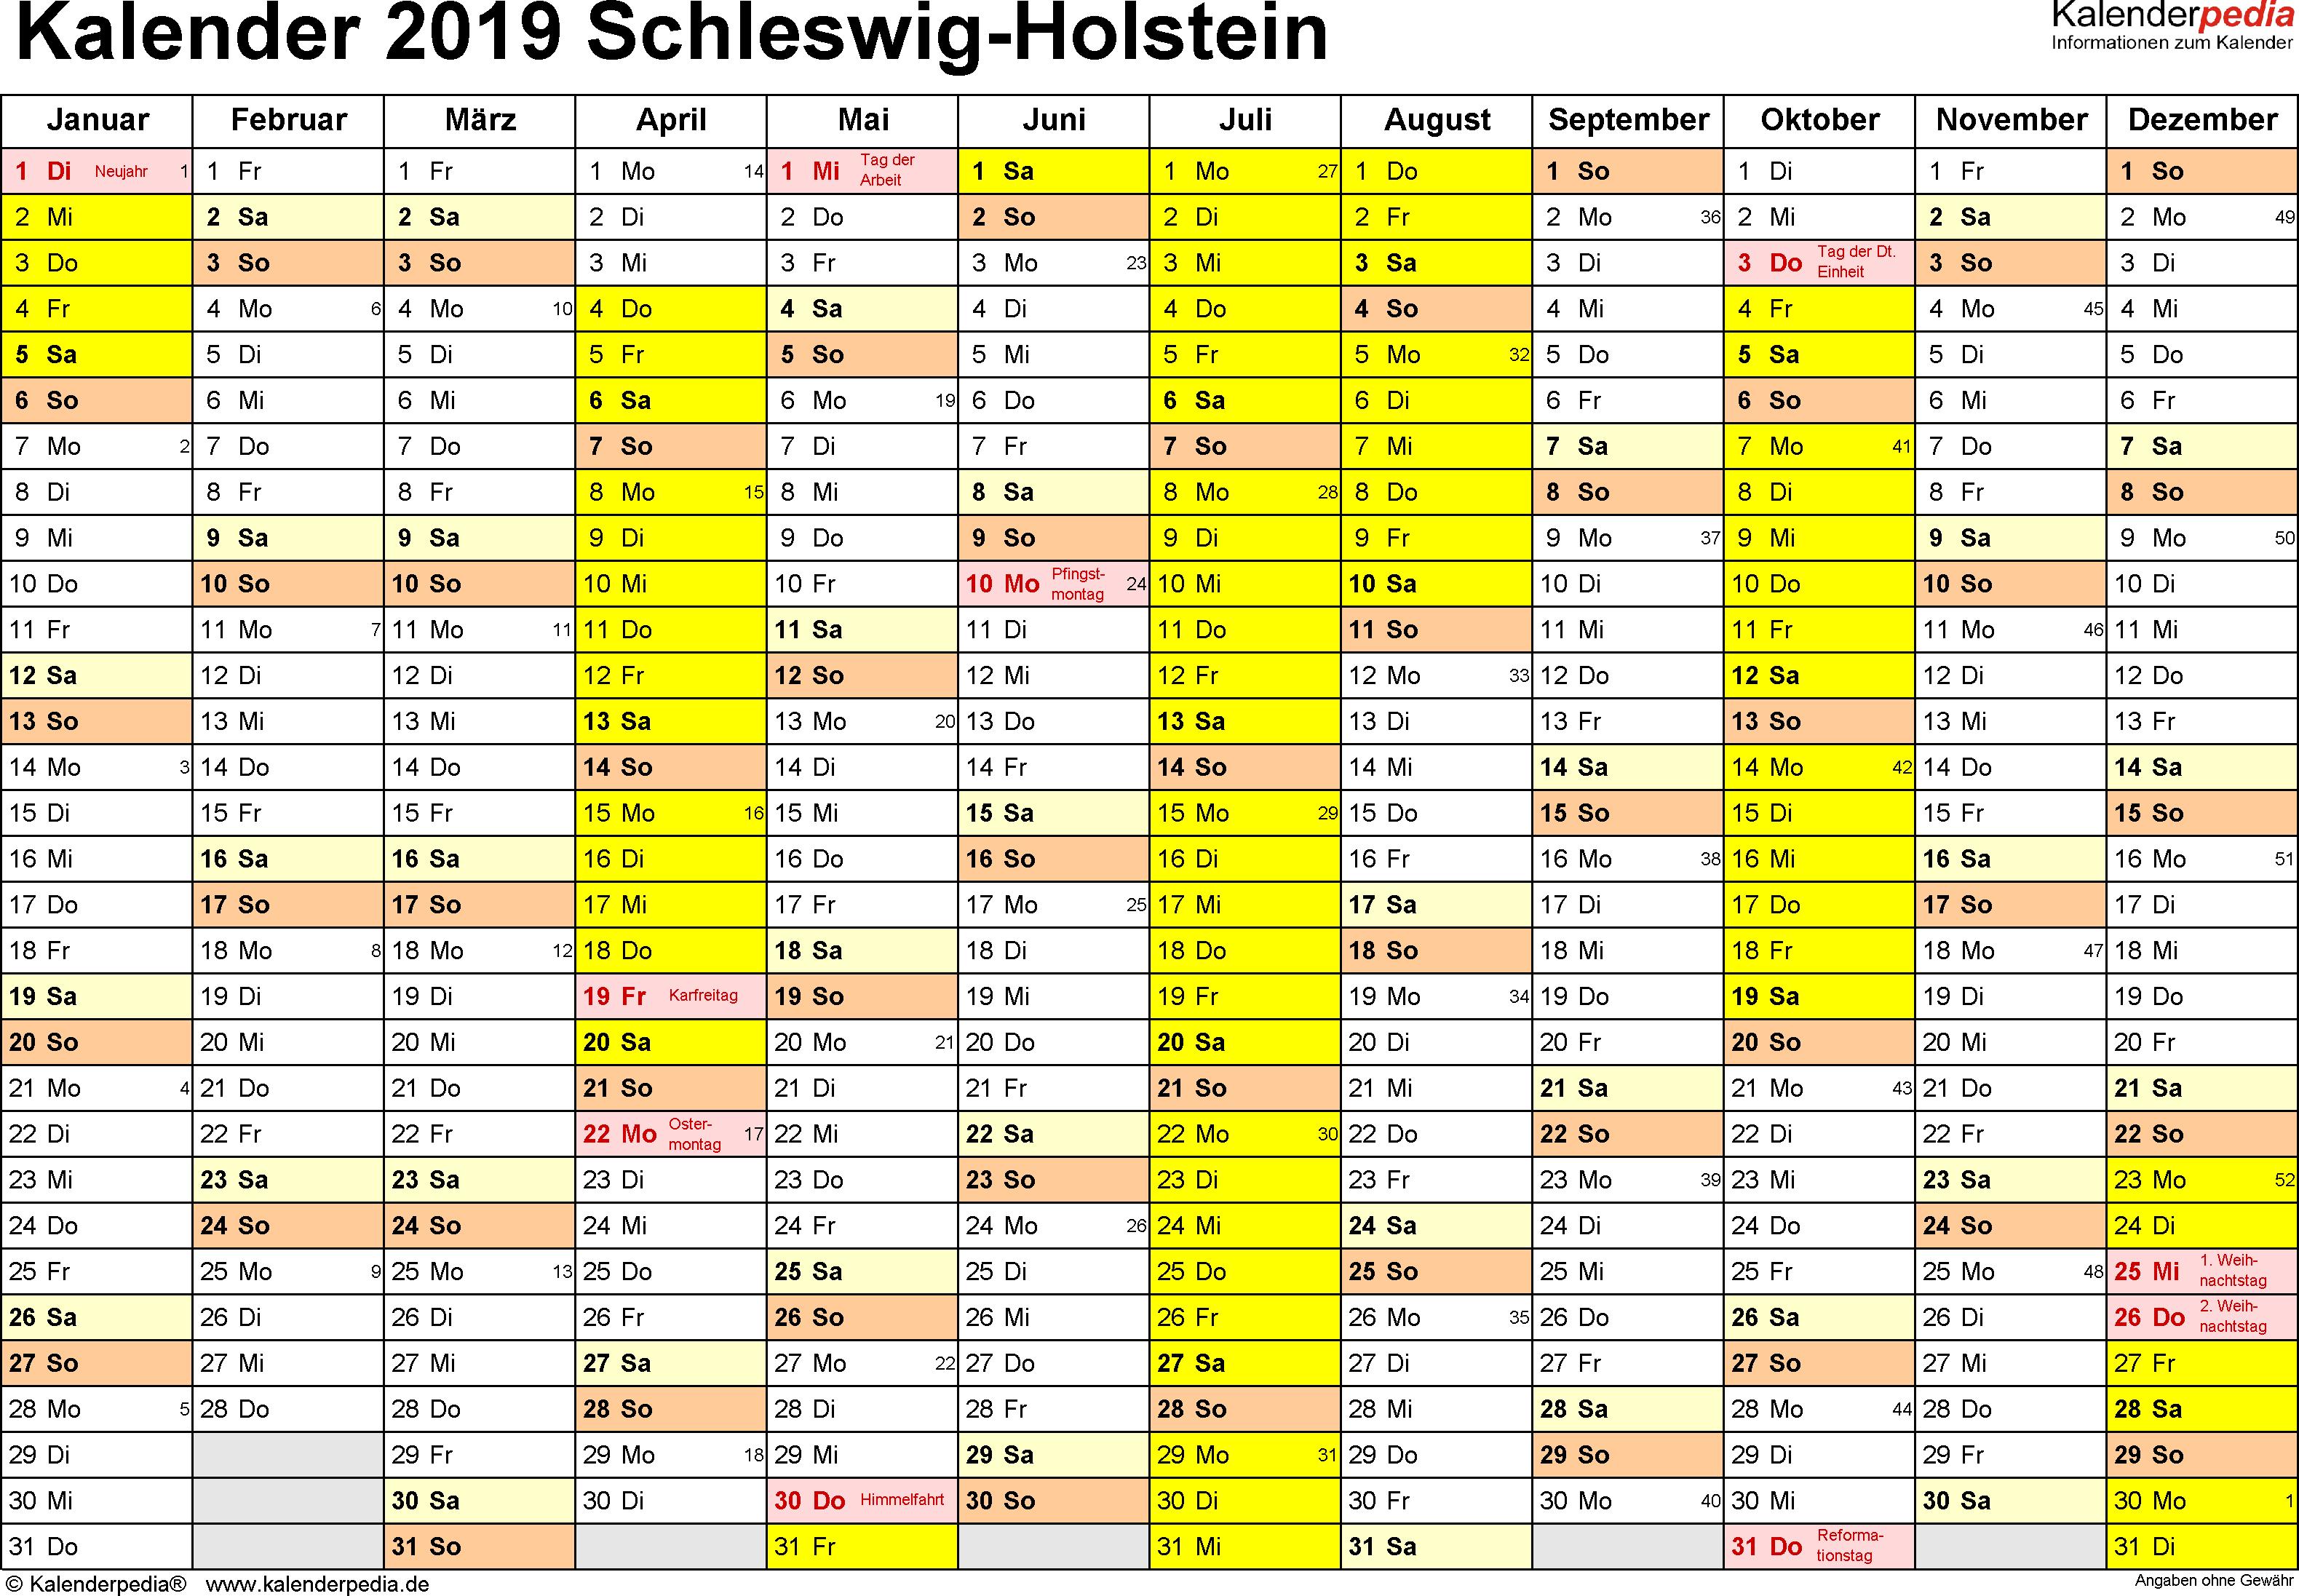 Vorlage 1: Kalender 2019 für Schleswig-Holstein als Excel-Vorlagen (Querformat, 1 Seite)